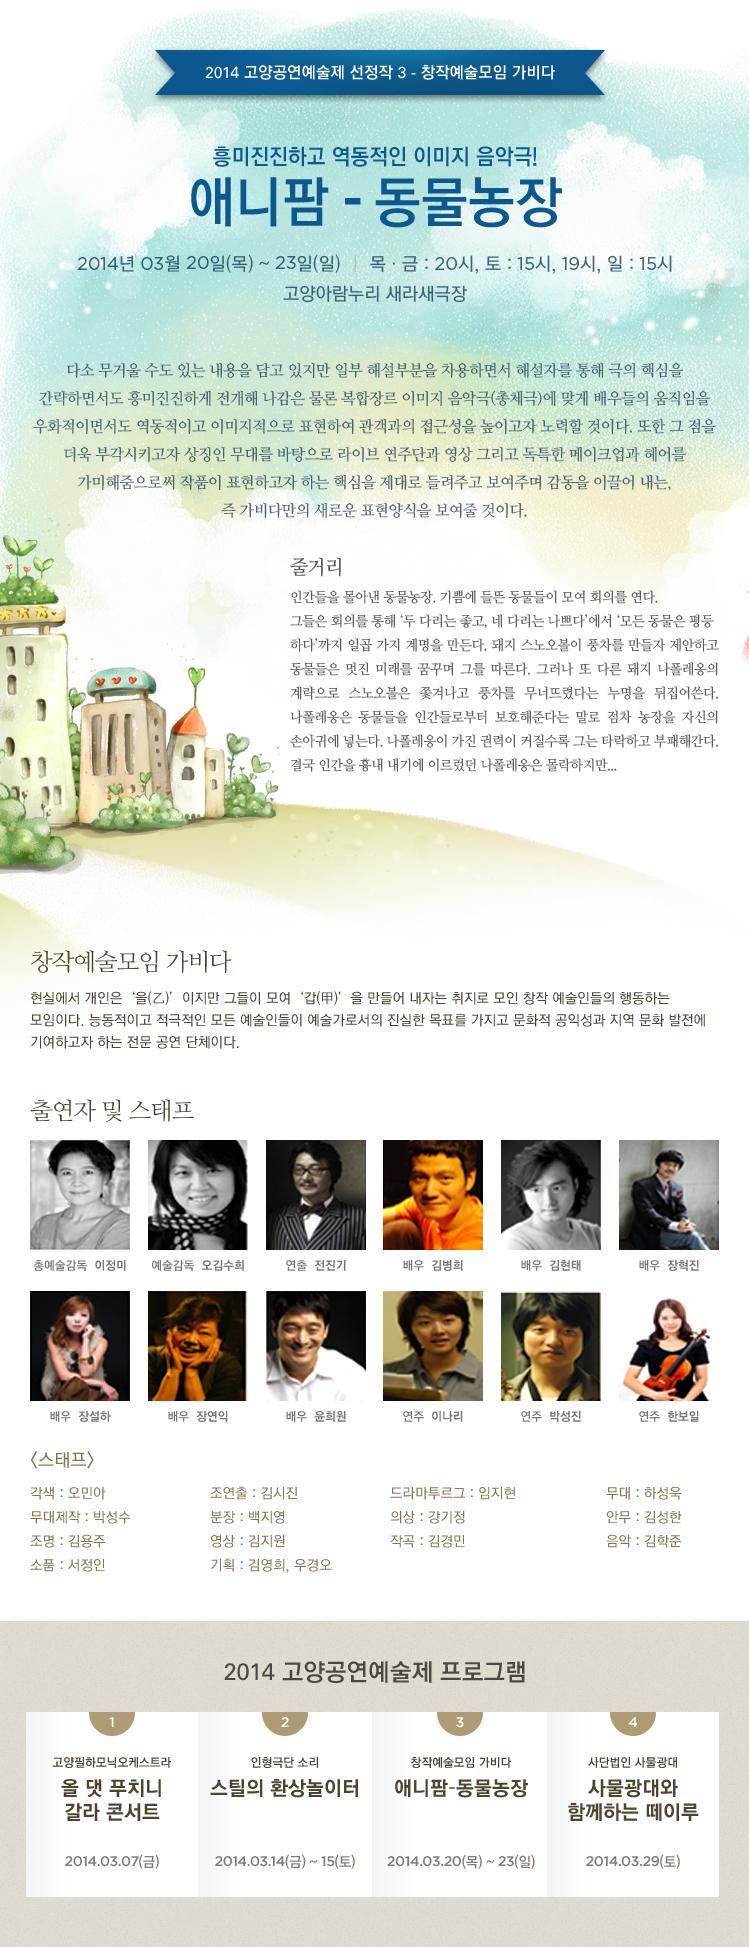 2014 고양공연예술제 선정작 3 - 창작예술모임 가비다 ′애니팜 동물농장′